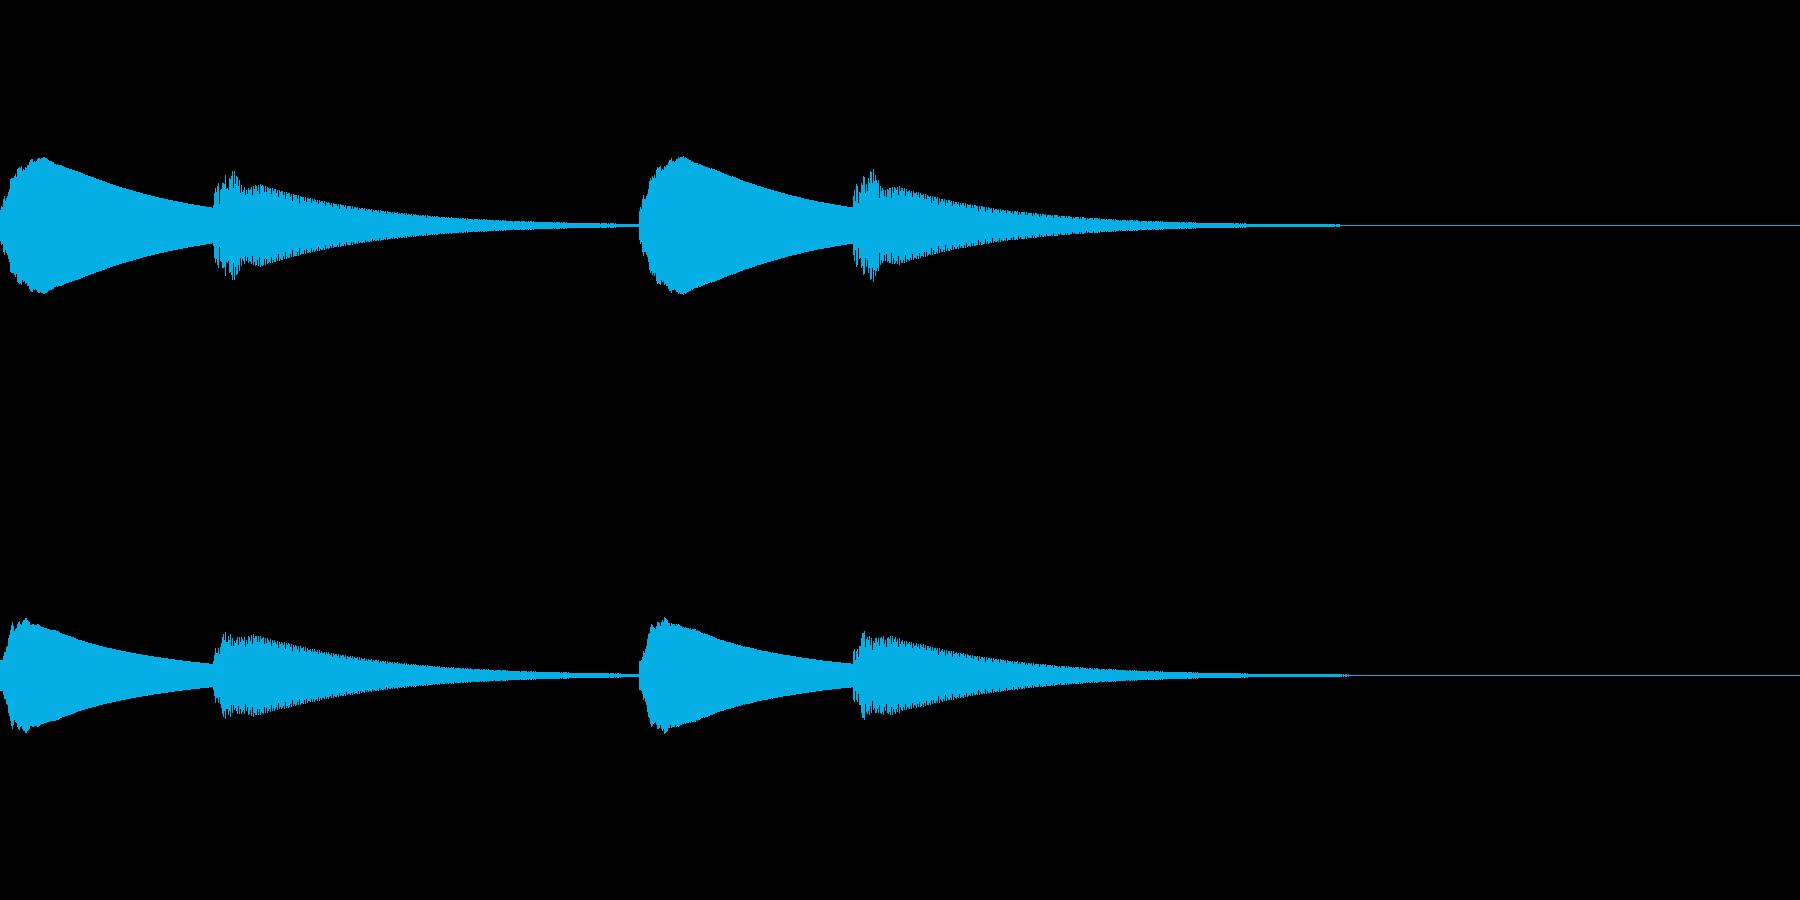 ピンポーン×2(入店やインターホンの音)の再生済みの波形